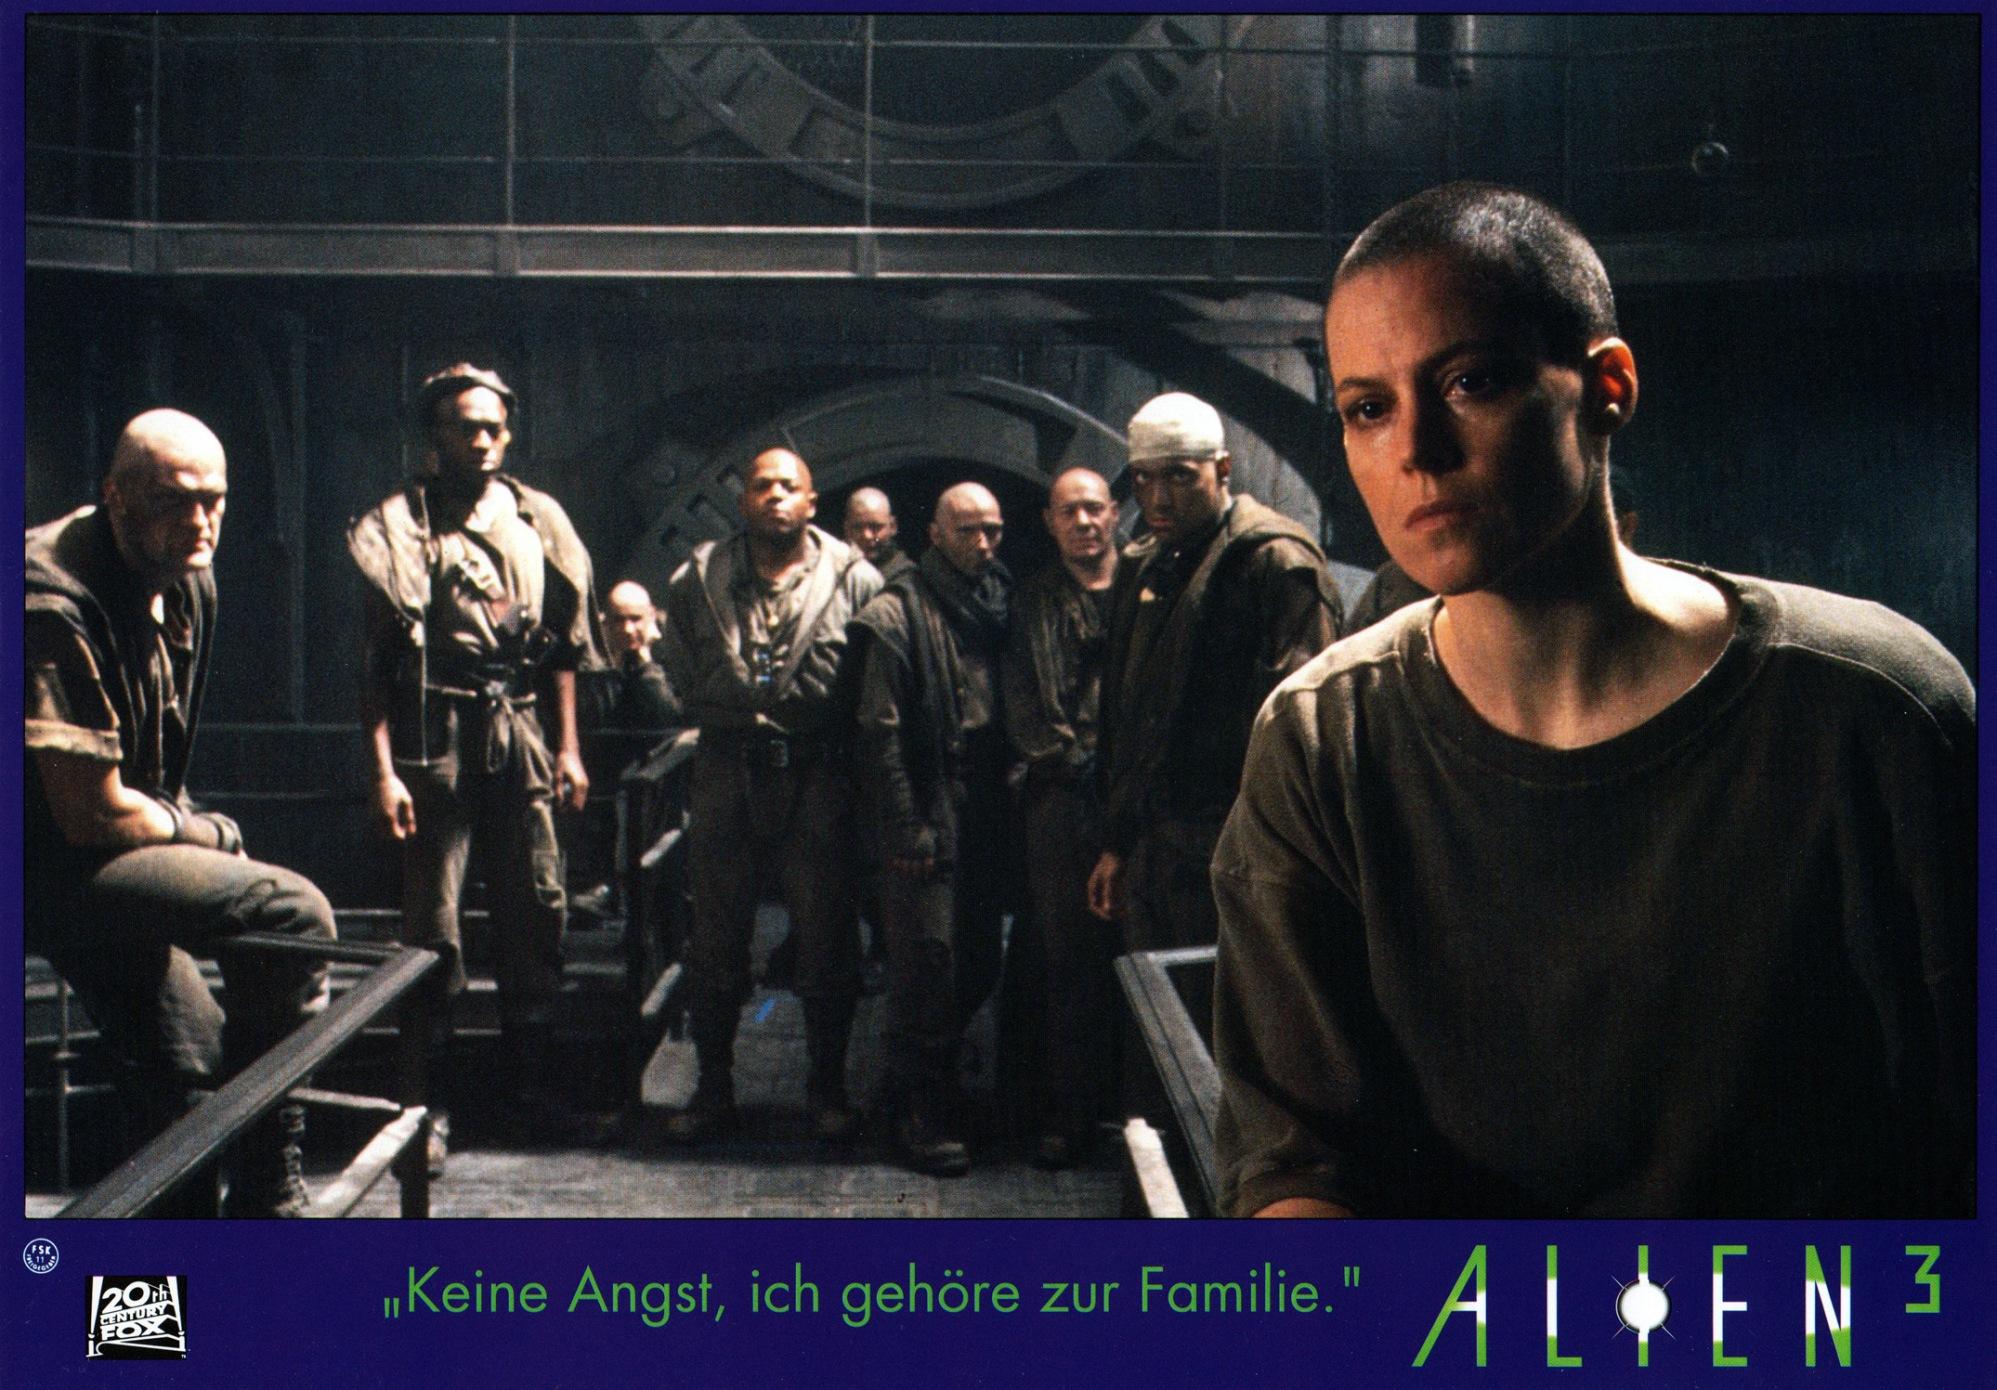 alien3-saksa-14